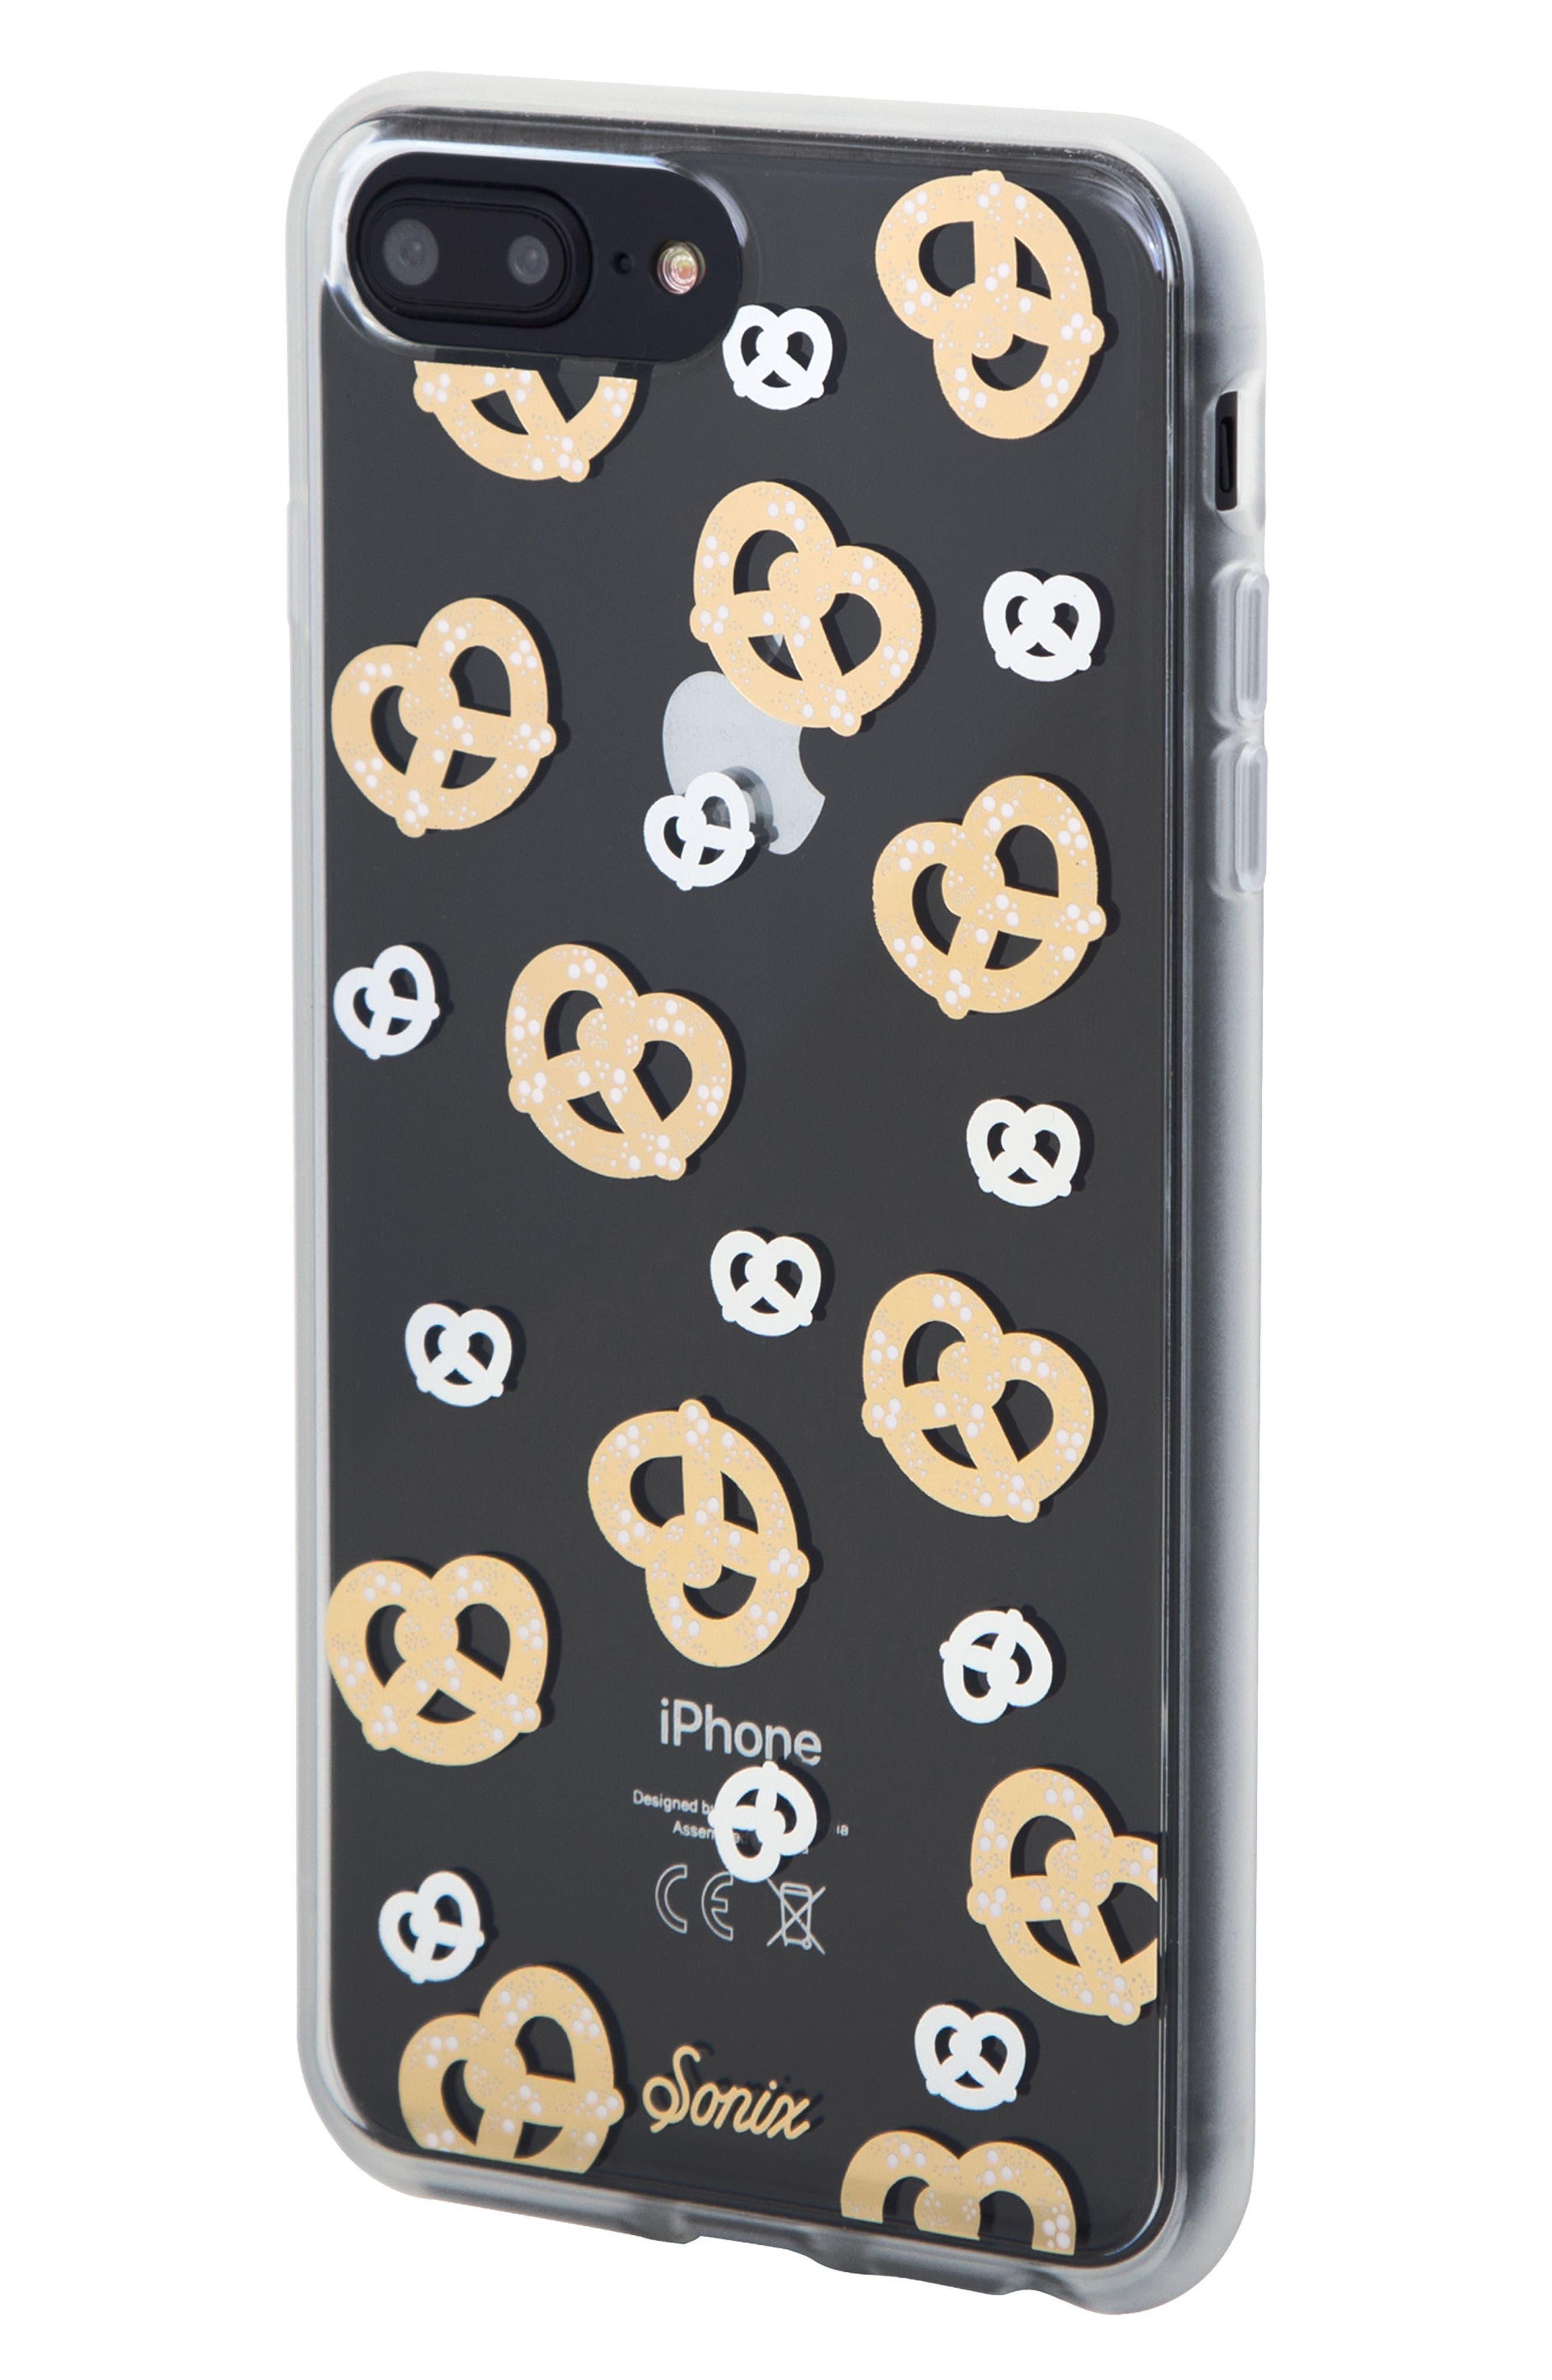 Pretzel iPhone 6/6s/7/8 & 6/6s/7/8 Plus Case,                             Alternate thumbnail 2, color,                             710